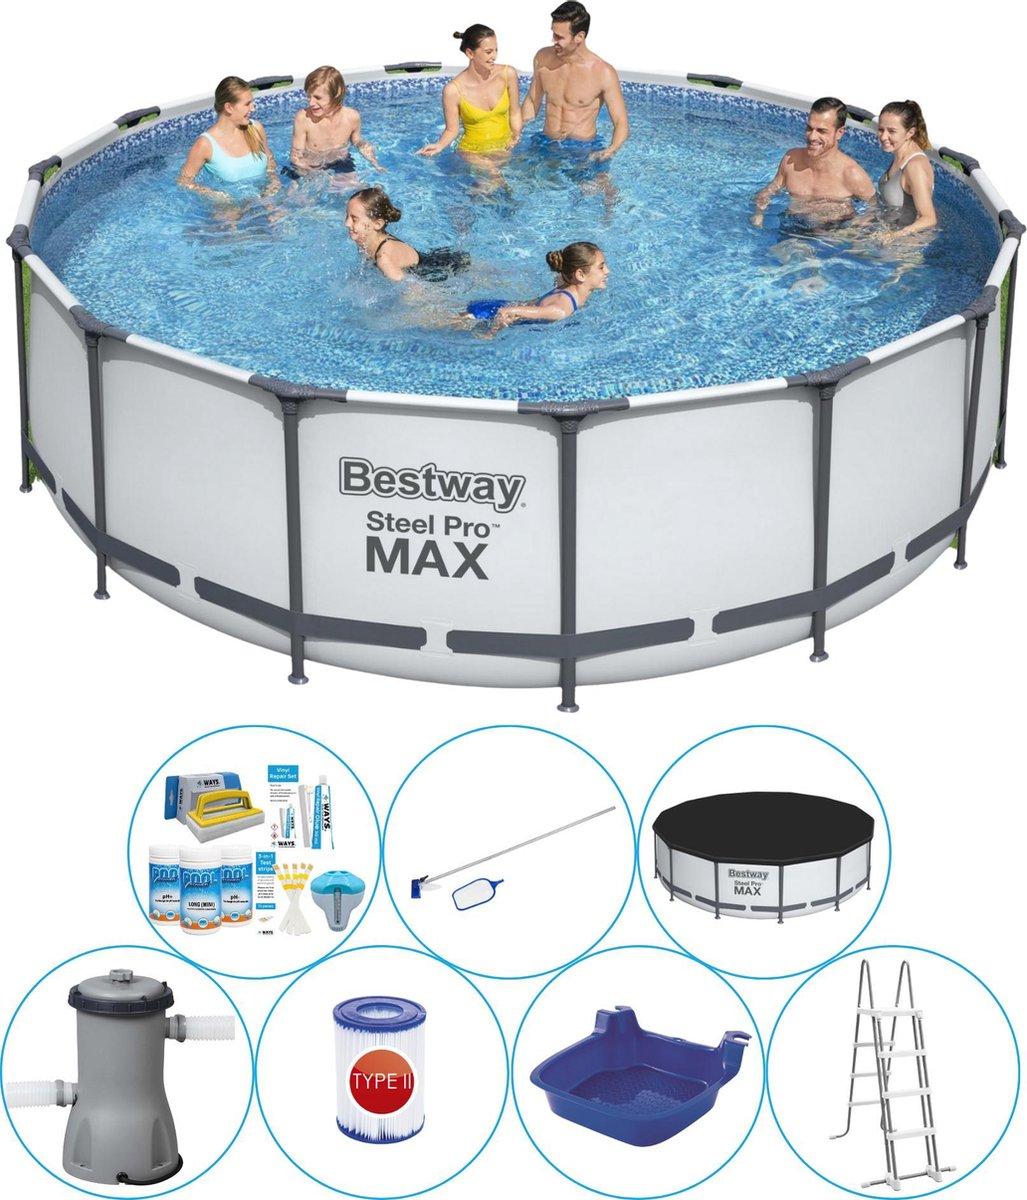 Bestway Steel Pro MAX Rond 457x122 cm - Zwembad Comfort Pakket